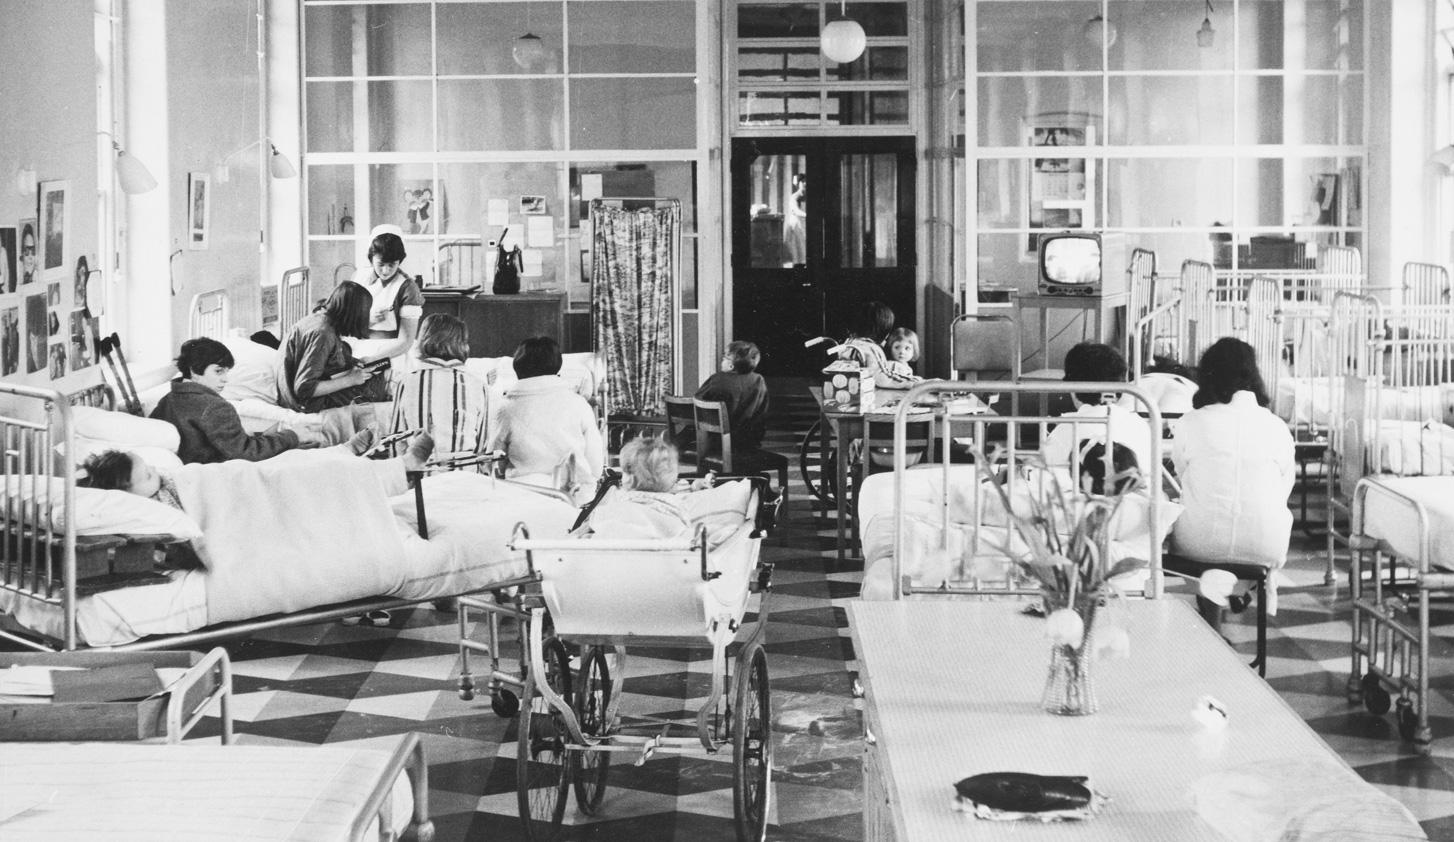 1959 - New School Opens